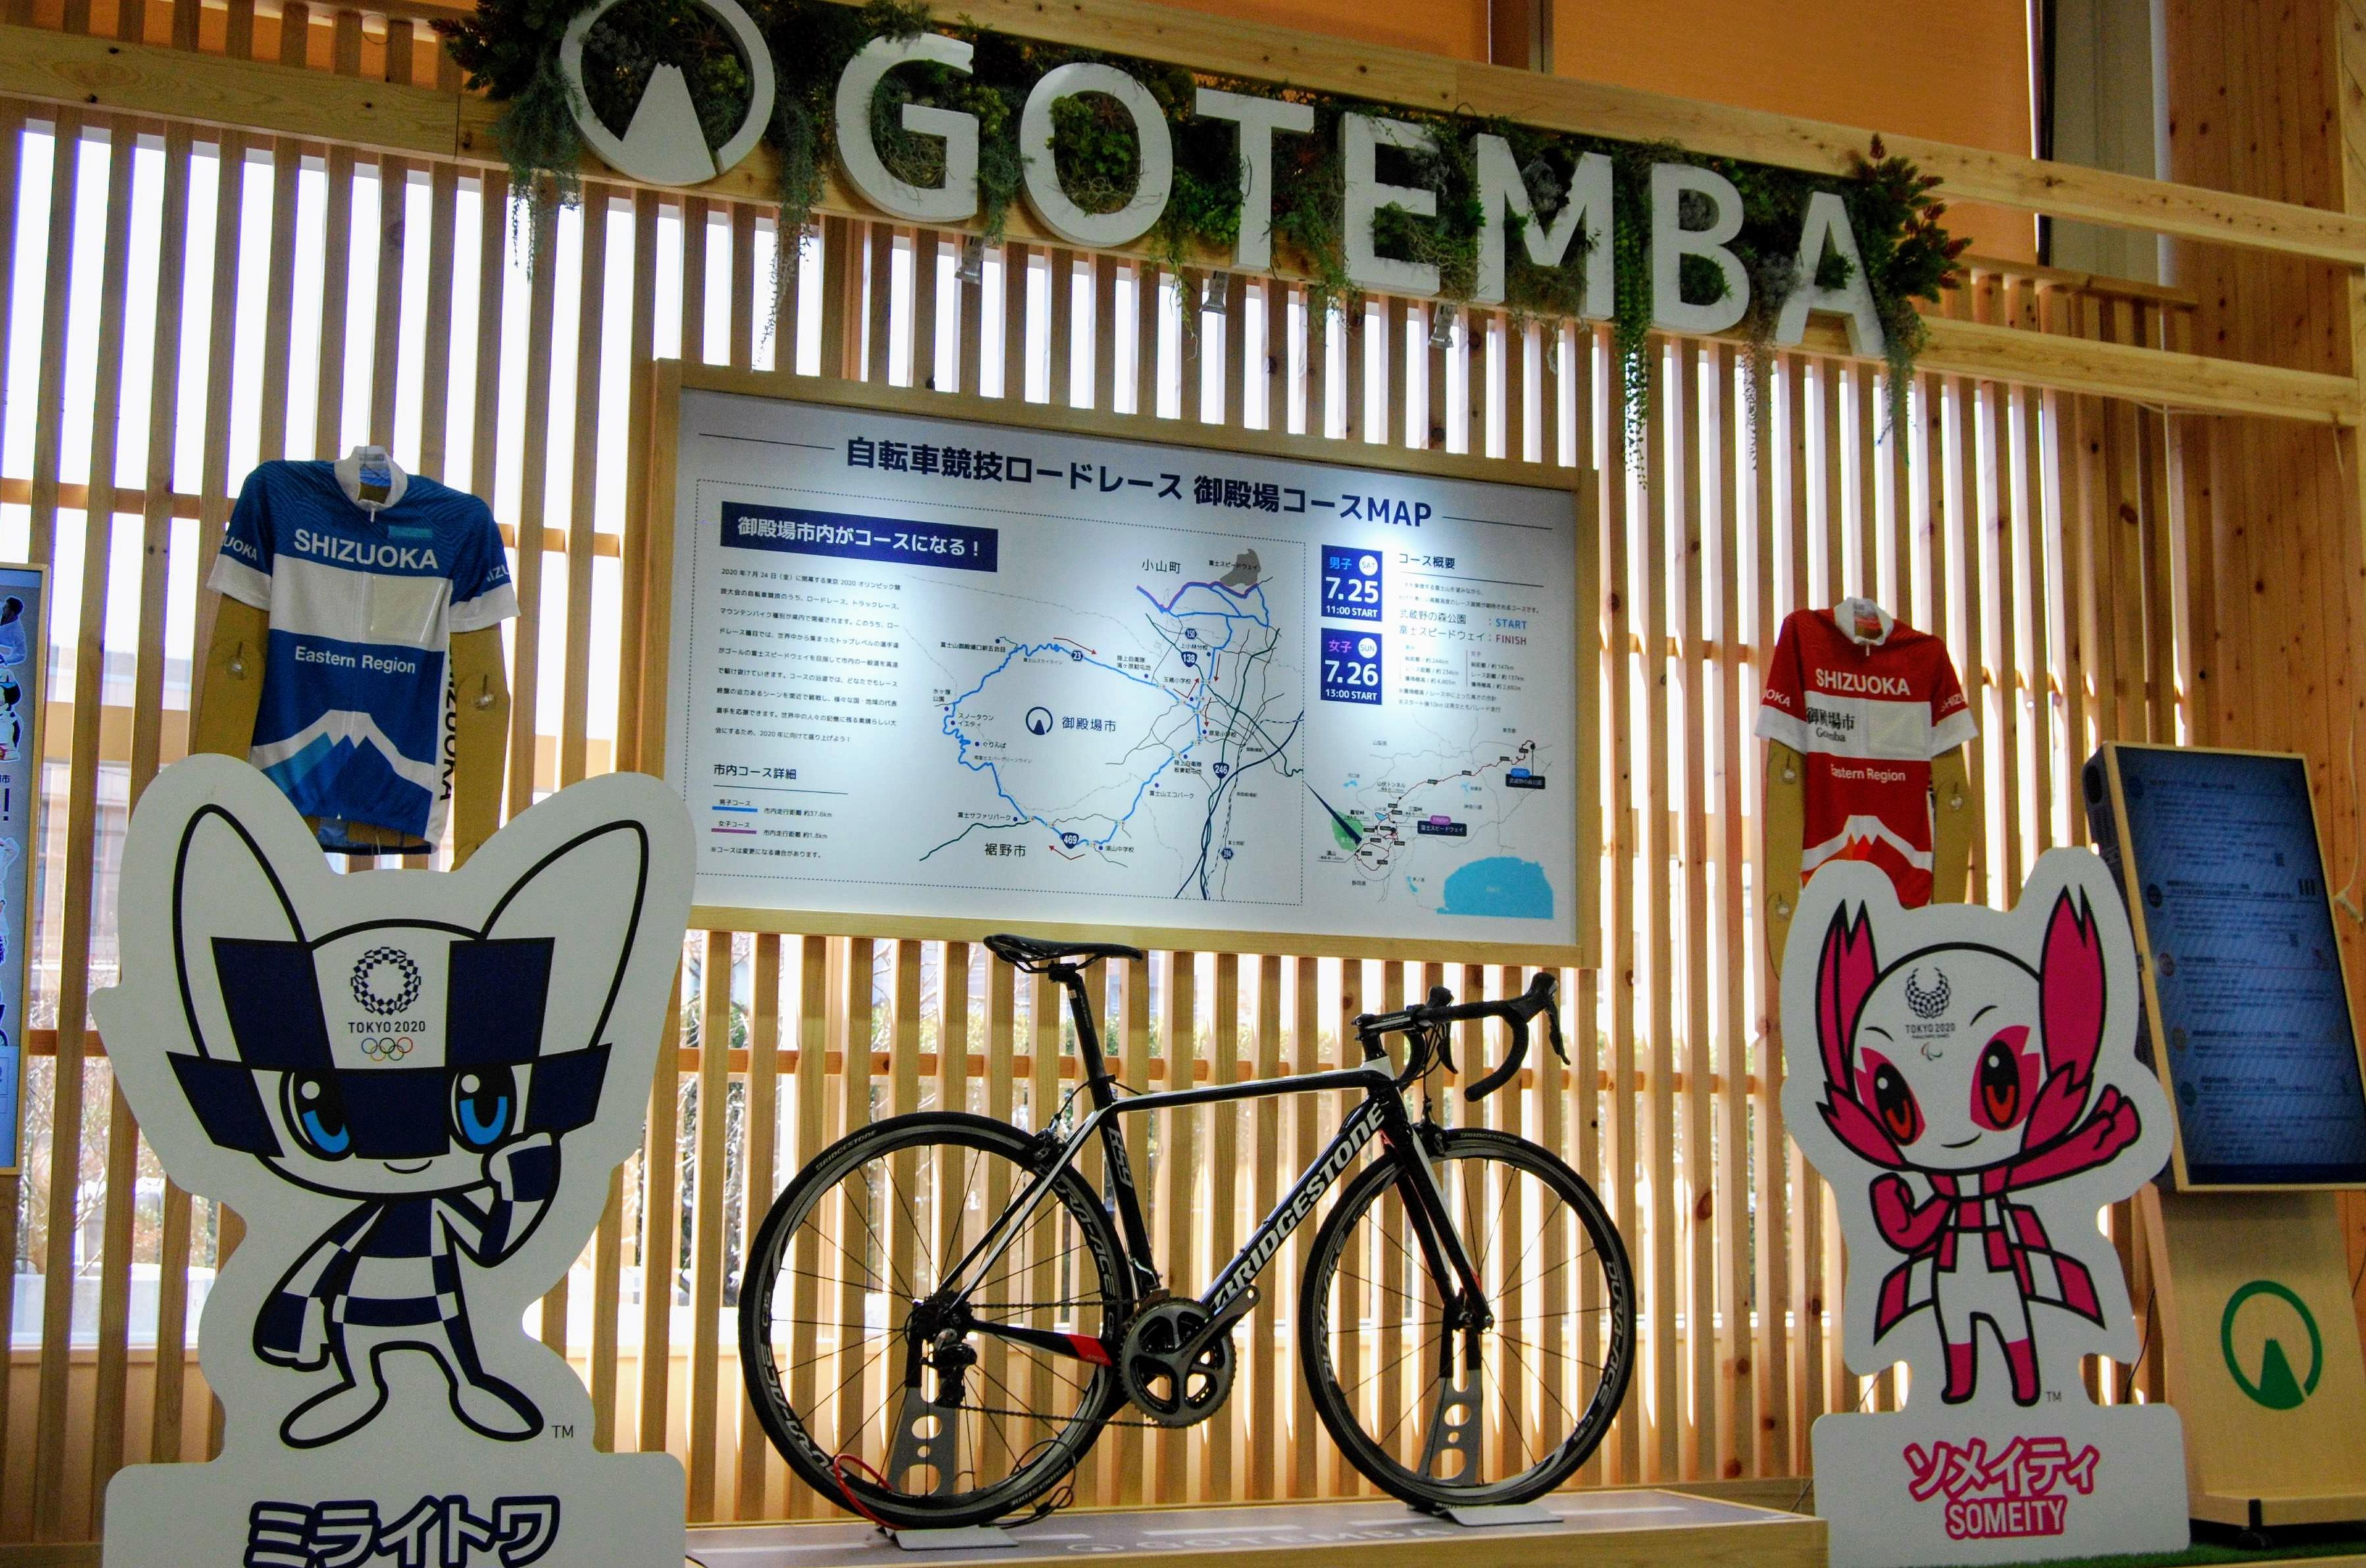 東京オリンピック 自転車ロードレース会場!